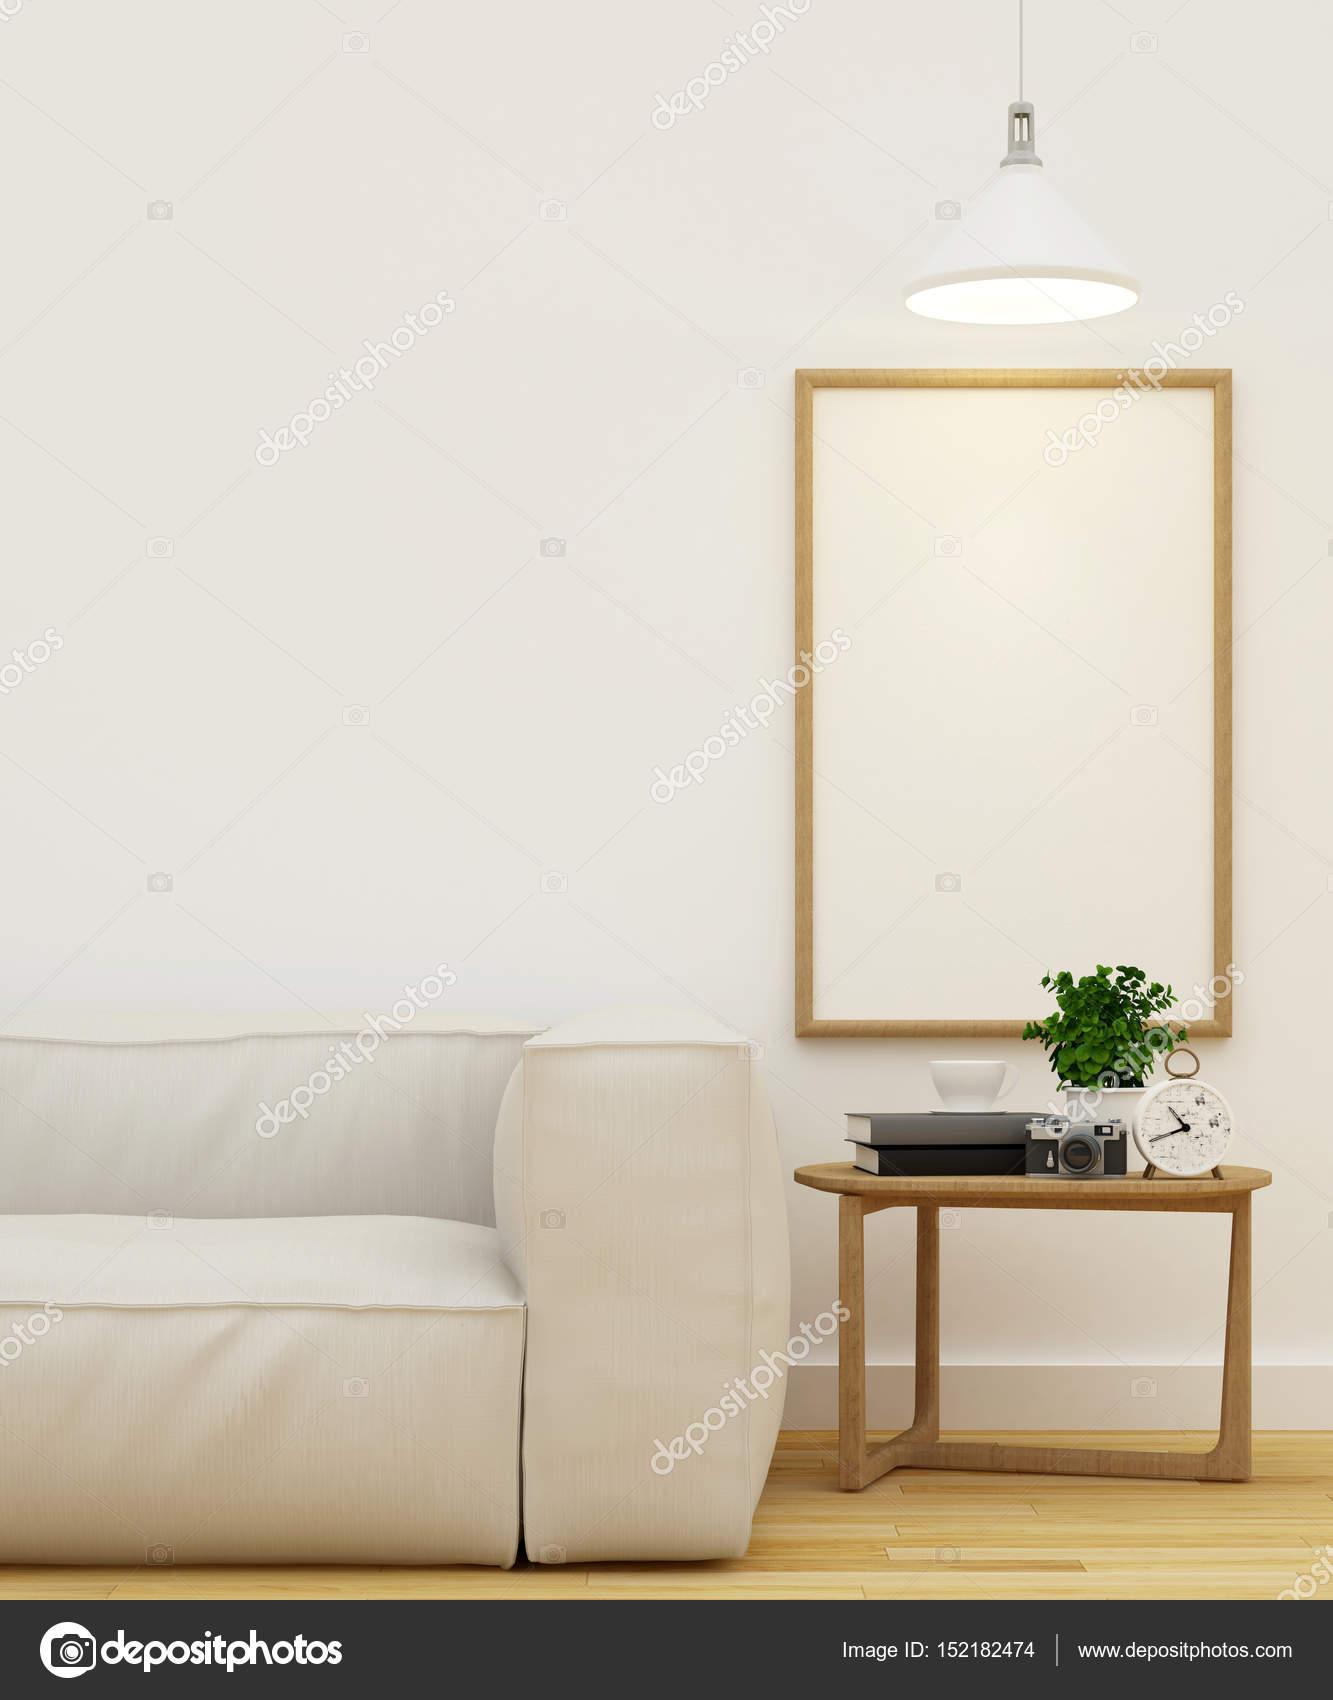 Sala de estar y el marco de arte limpian diseño 3d Rendering — Foto ...